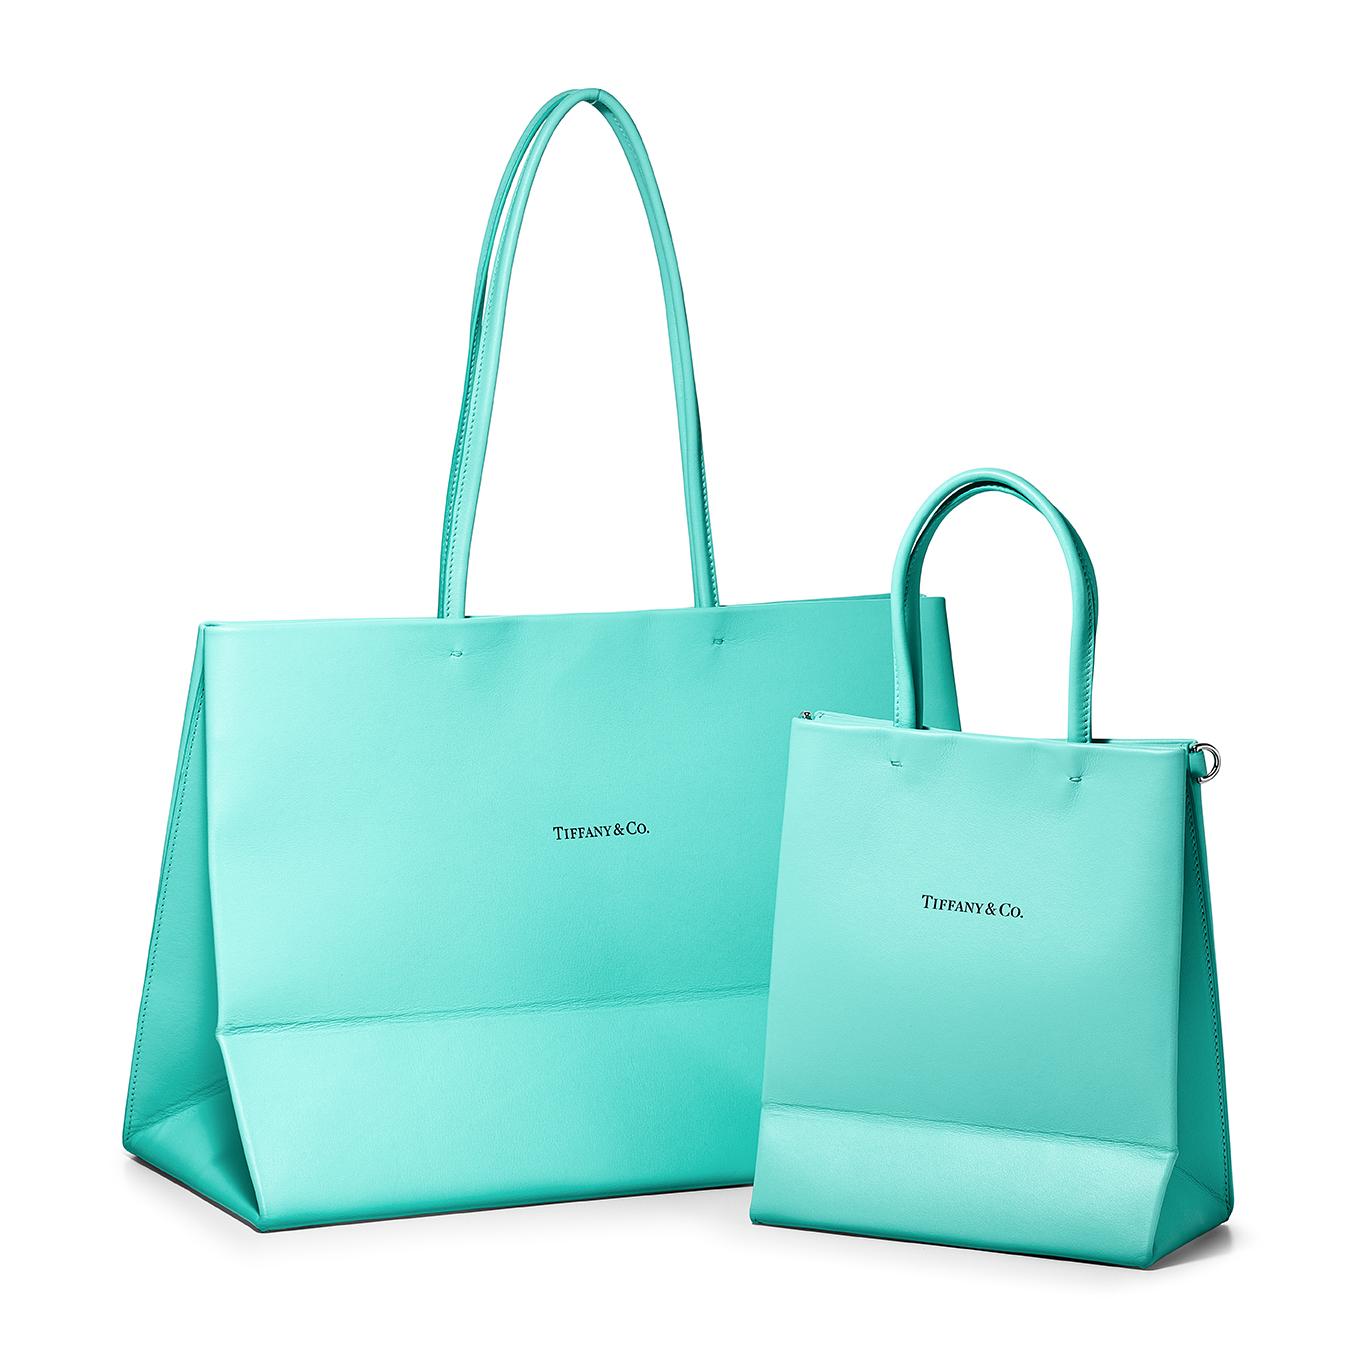 『ティファニー』のショッピングバッグがレザーになった! 日本限定のミニサイズも展開♡_1